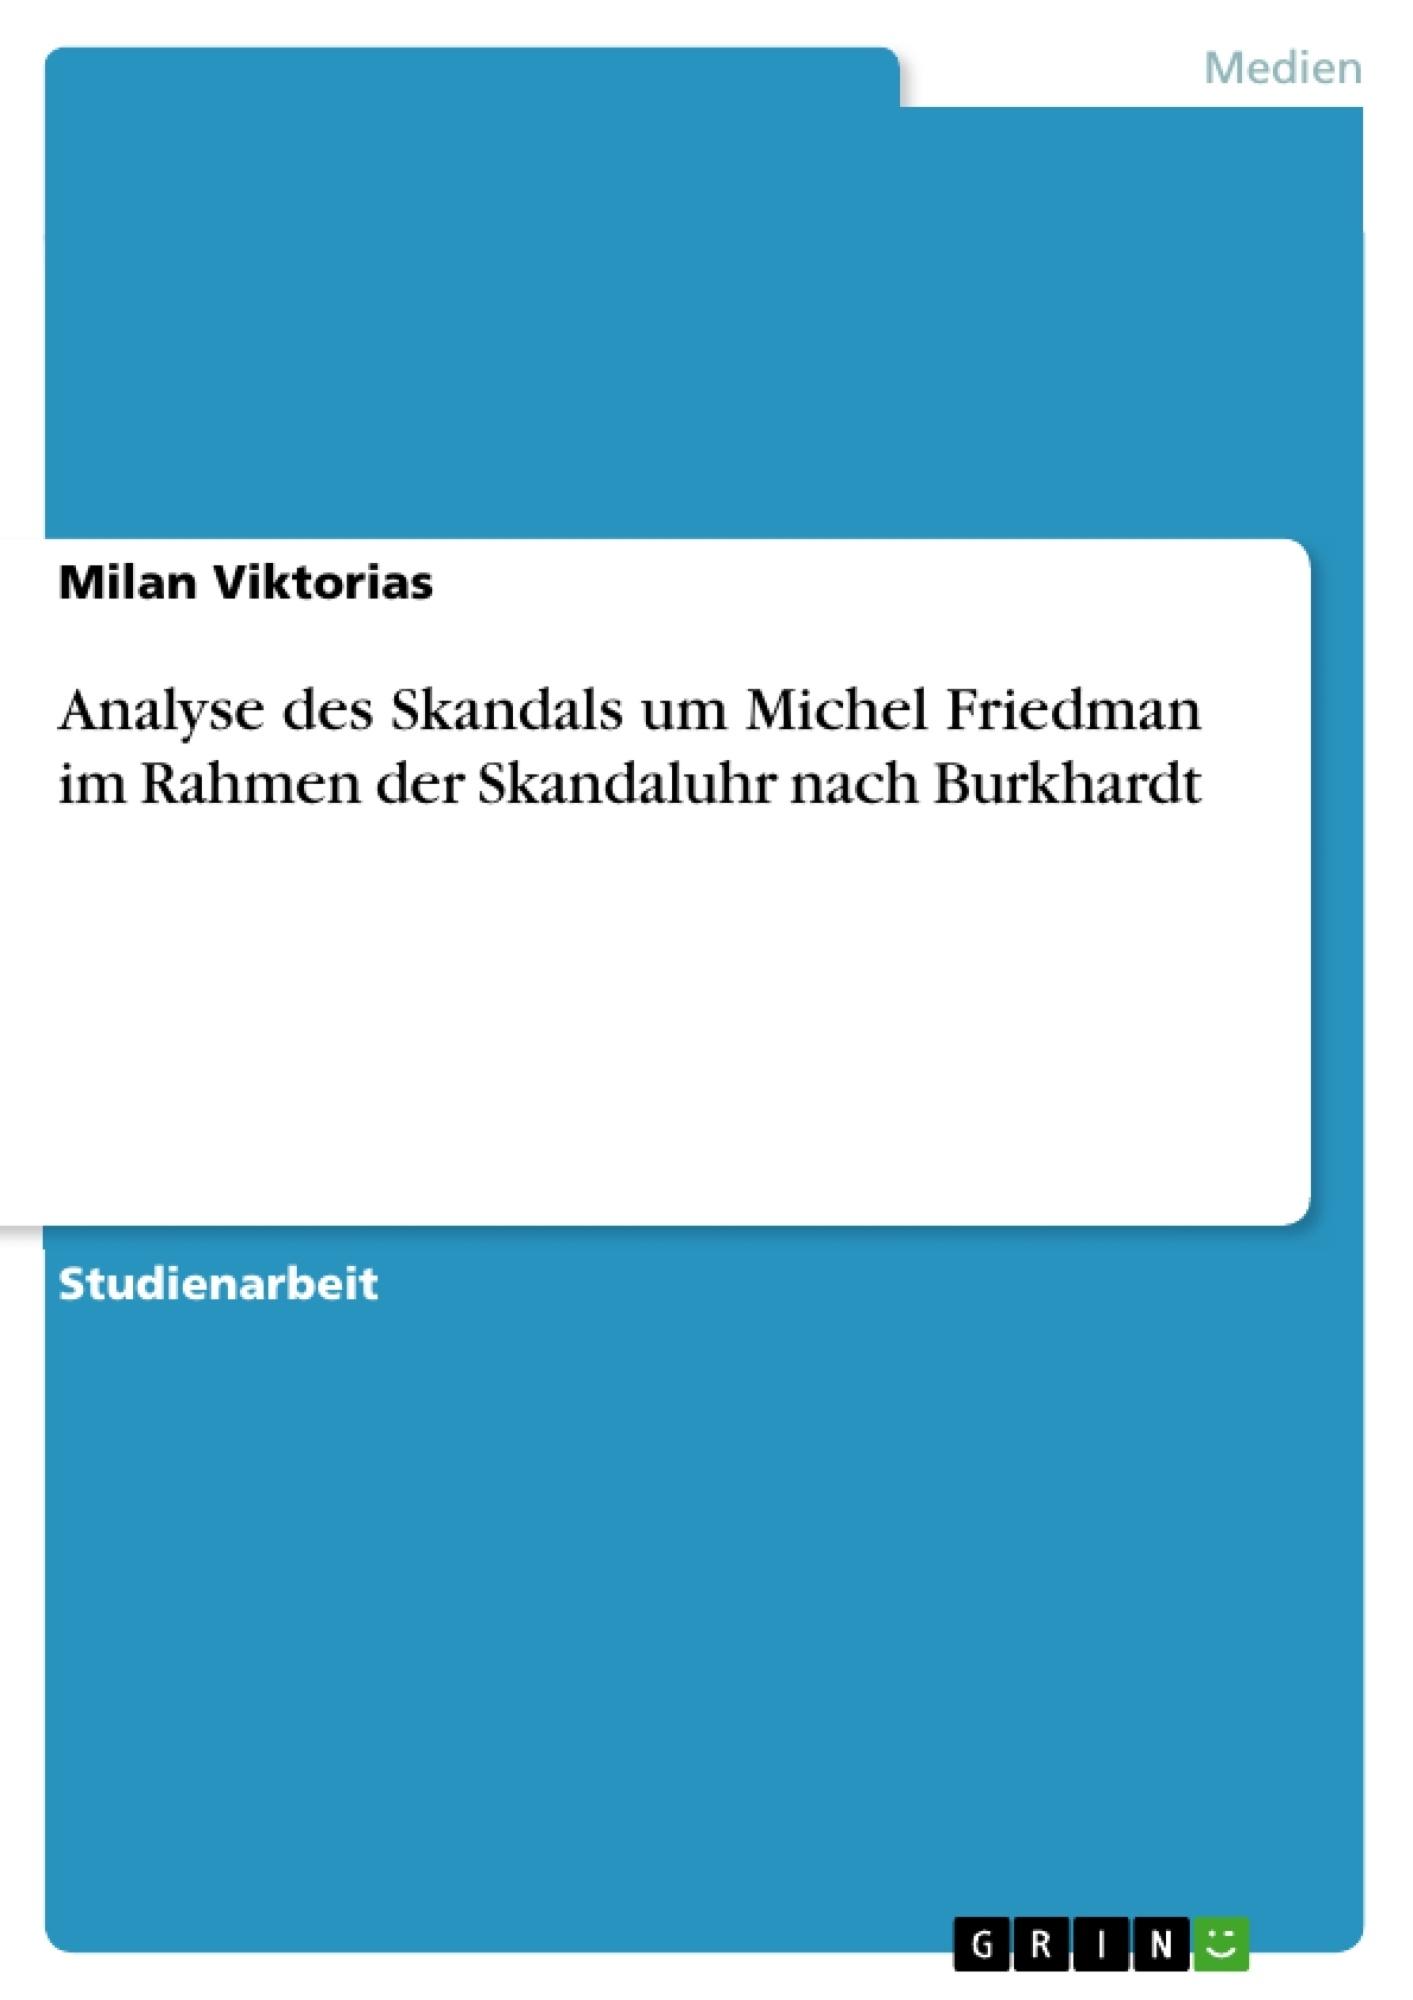 Titel: Analyse des Skandals um Michel Friedman im Rahmen der Skandaluhr nach Burkhardt